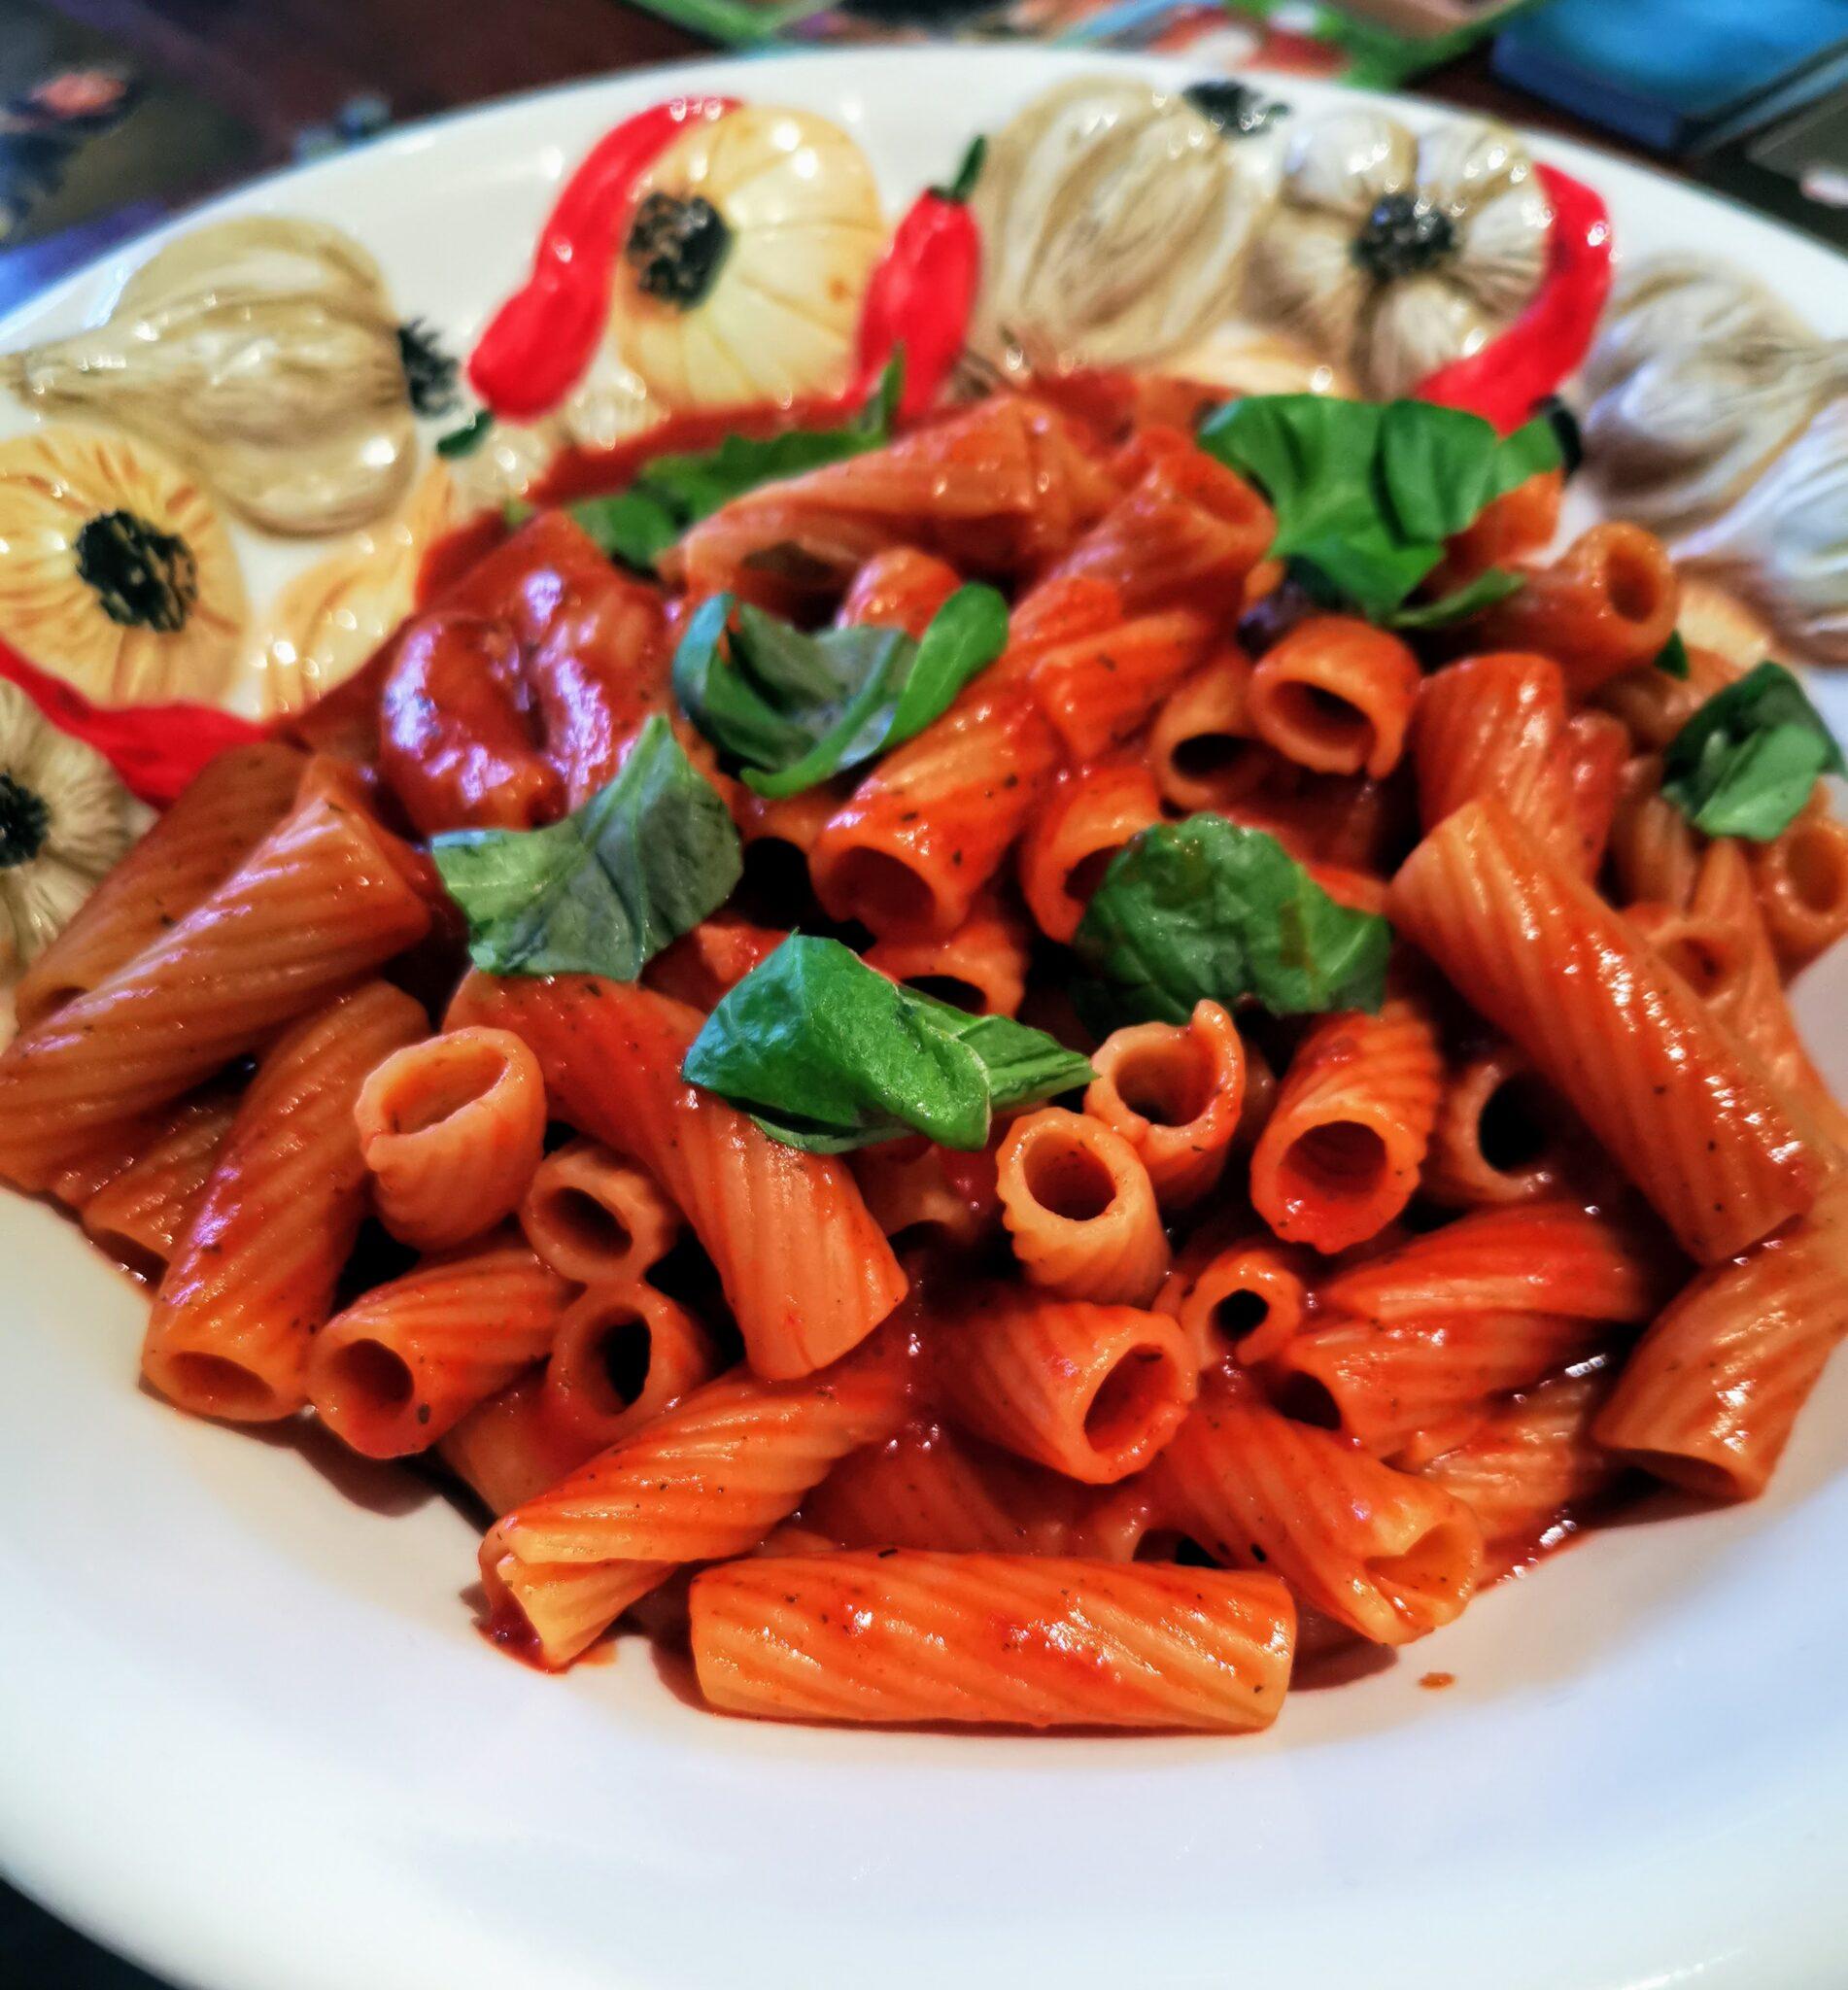 Nudel in Tomatensoße